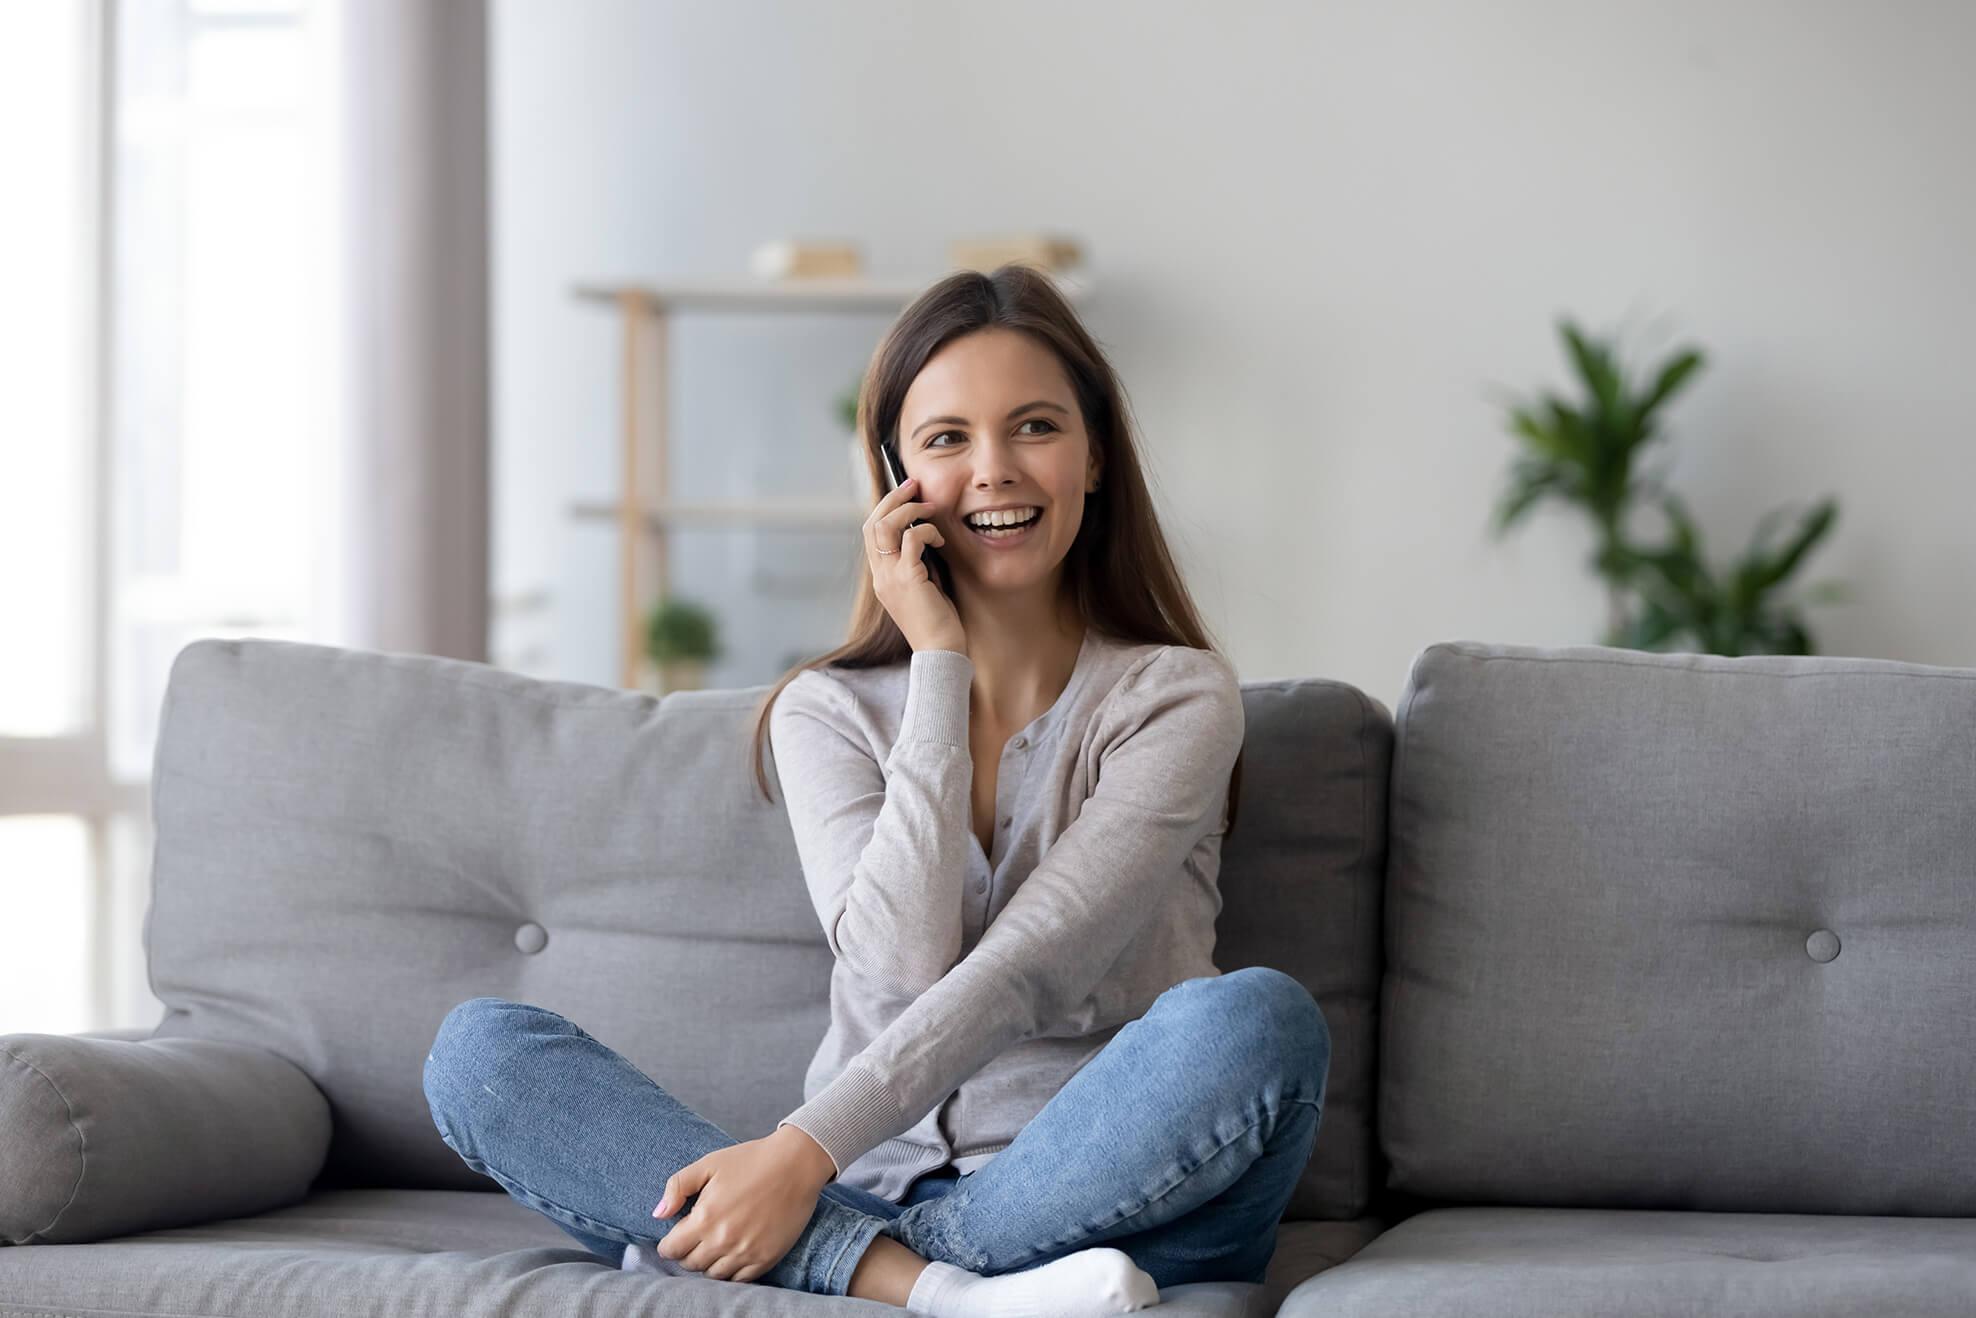 Frau telefoniert auf der Couch